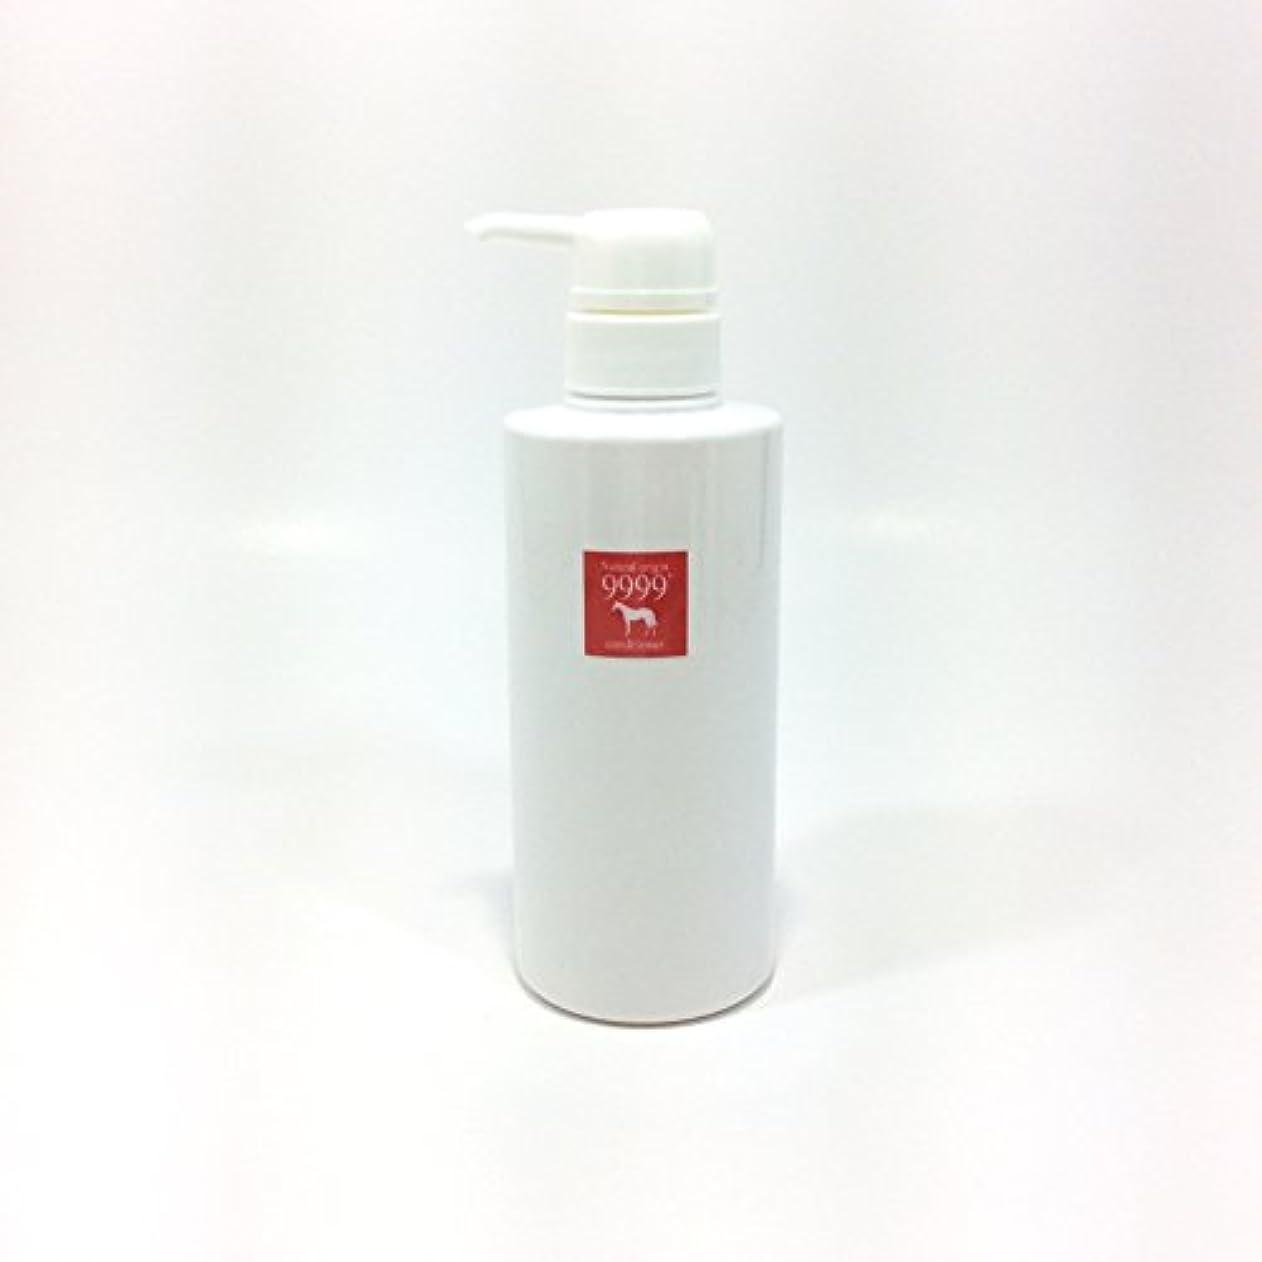 懐疑論化学薬品可動天然純馬油9999コンディショナー (赤)